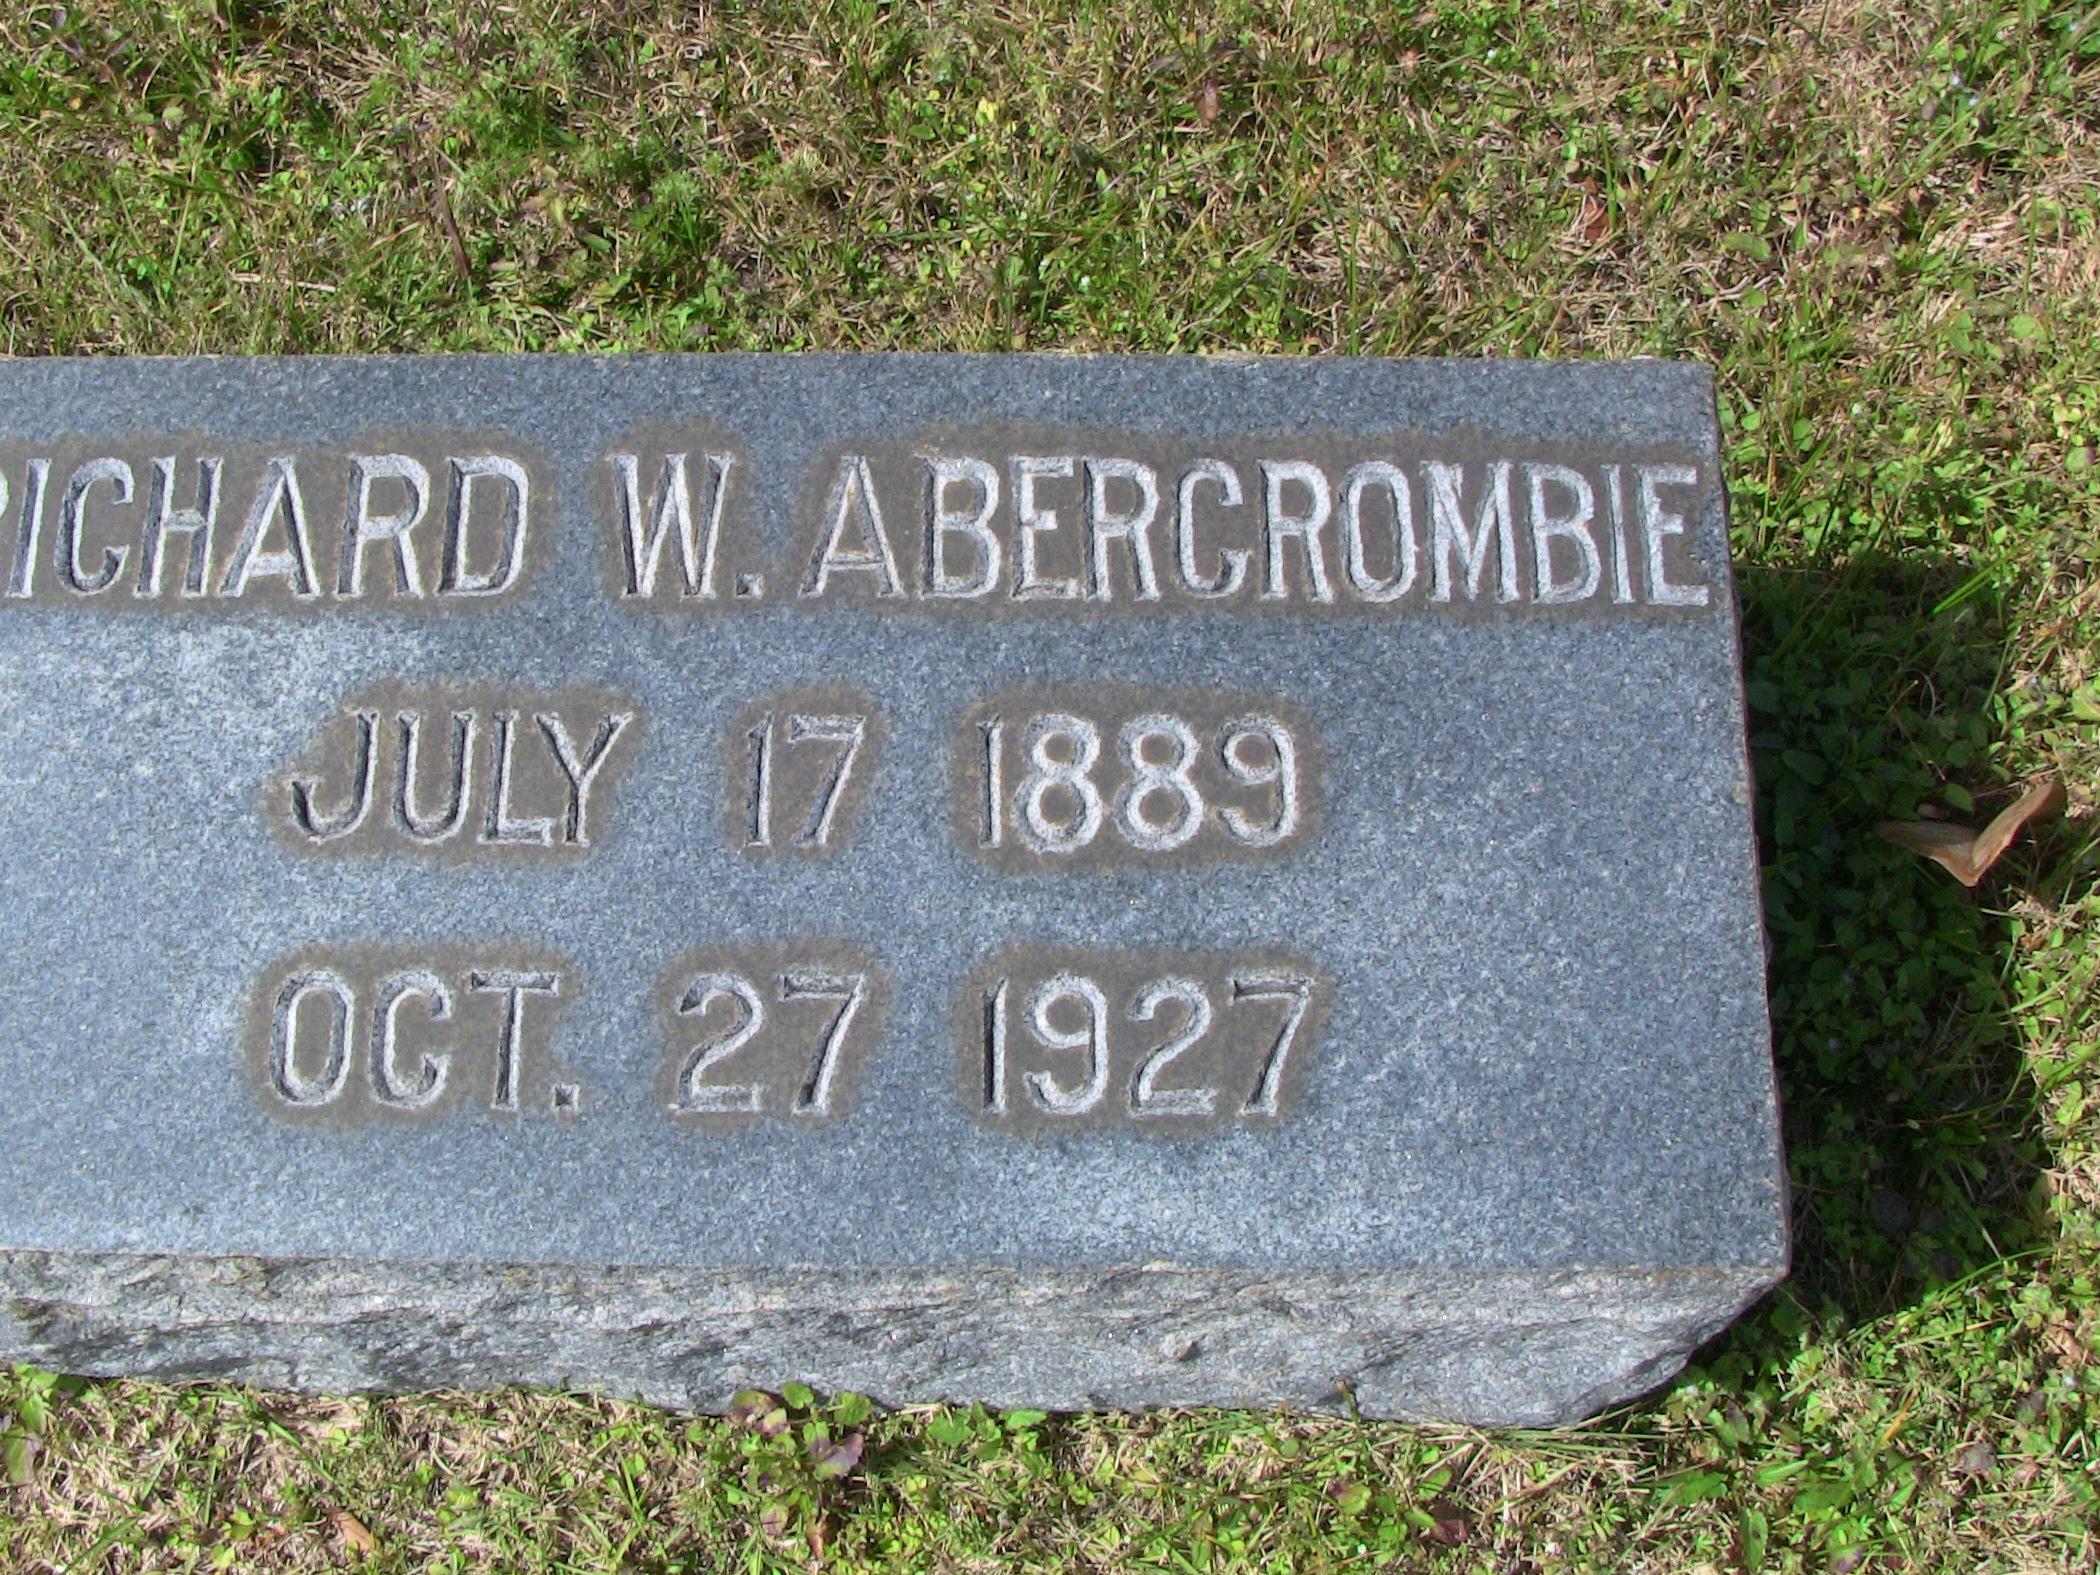 Richard W. Abercrombie